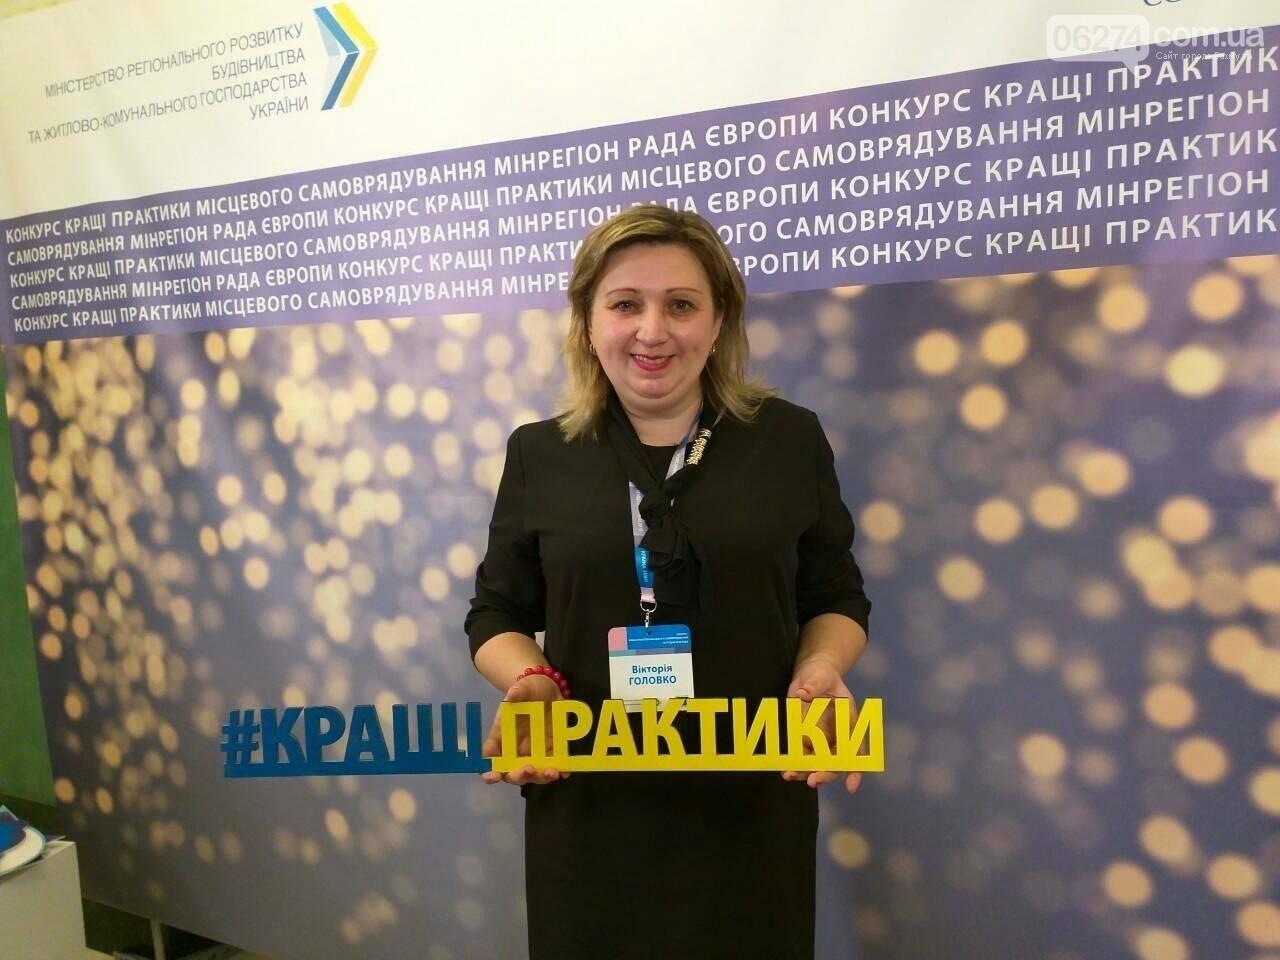 Психолог из Бахмута одержала победу на Всеукраинском конкурсе практик местного самоуправления, фото-2